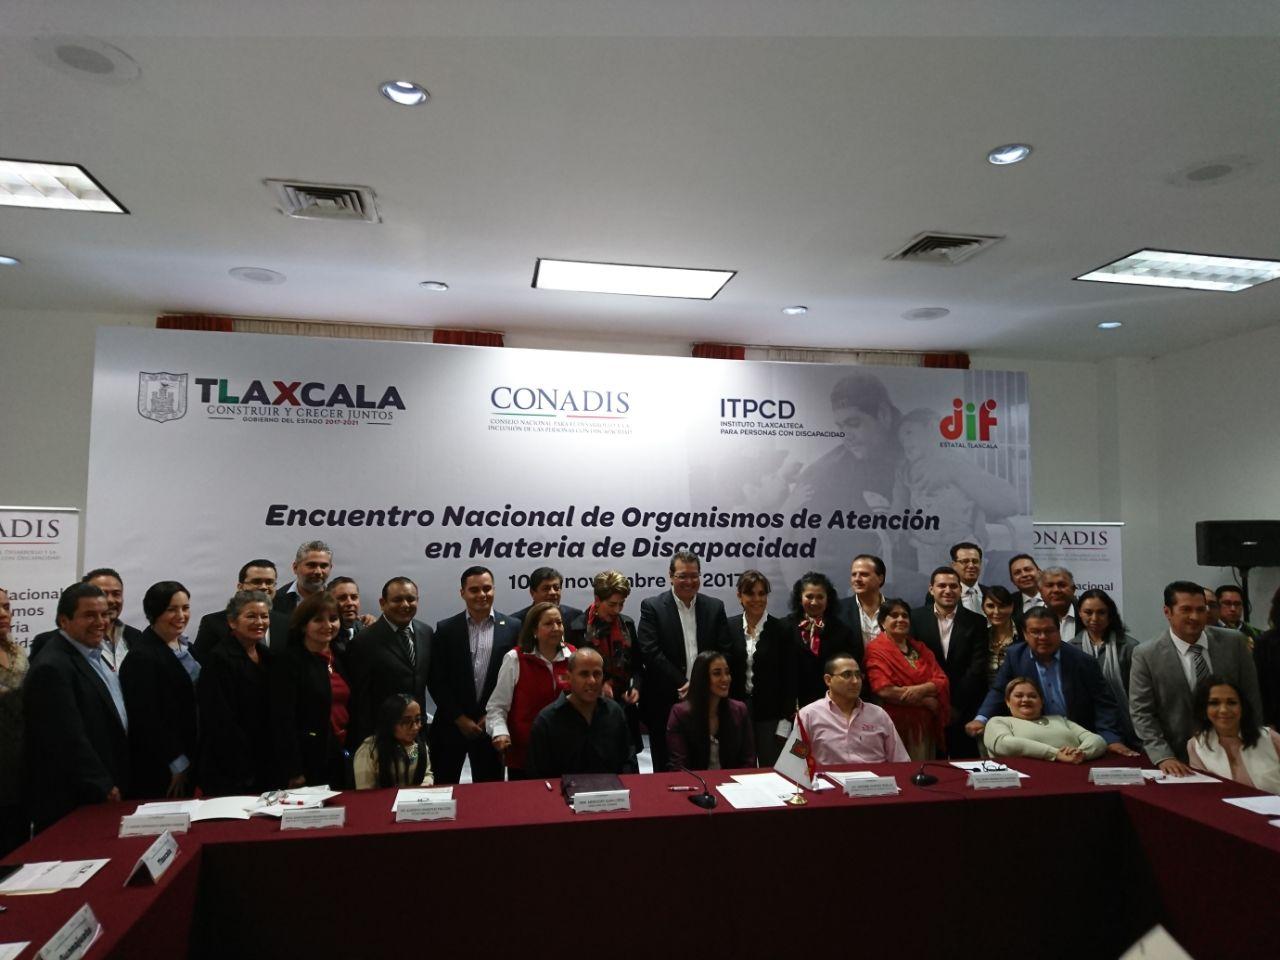 Foto Oficial de los asistentes al Encuentro Nacional de Organismos de Atención en Materia de Discapacidad.